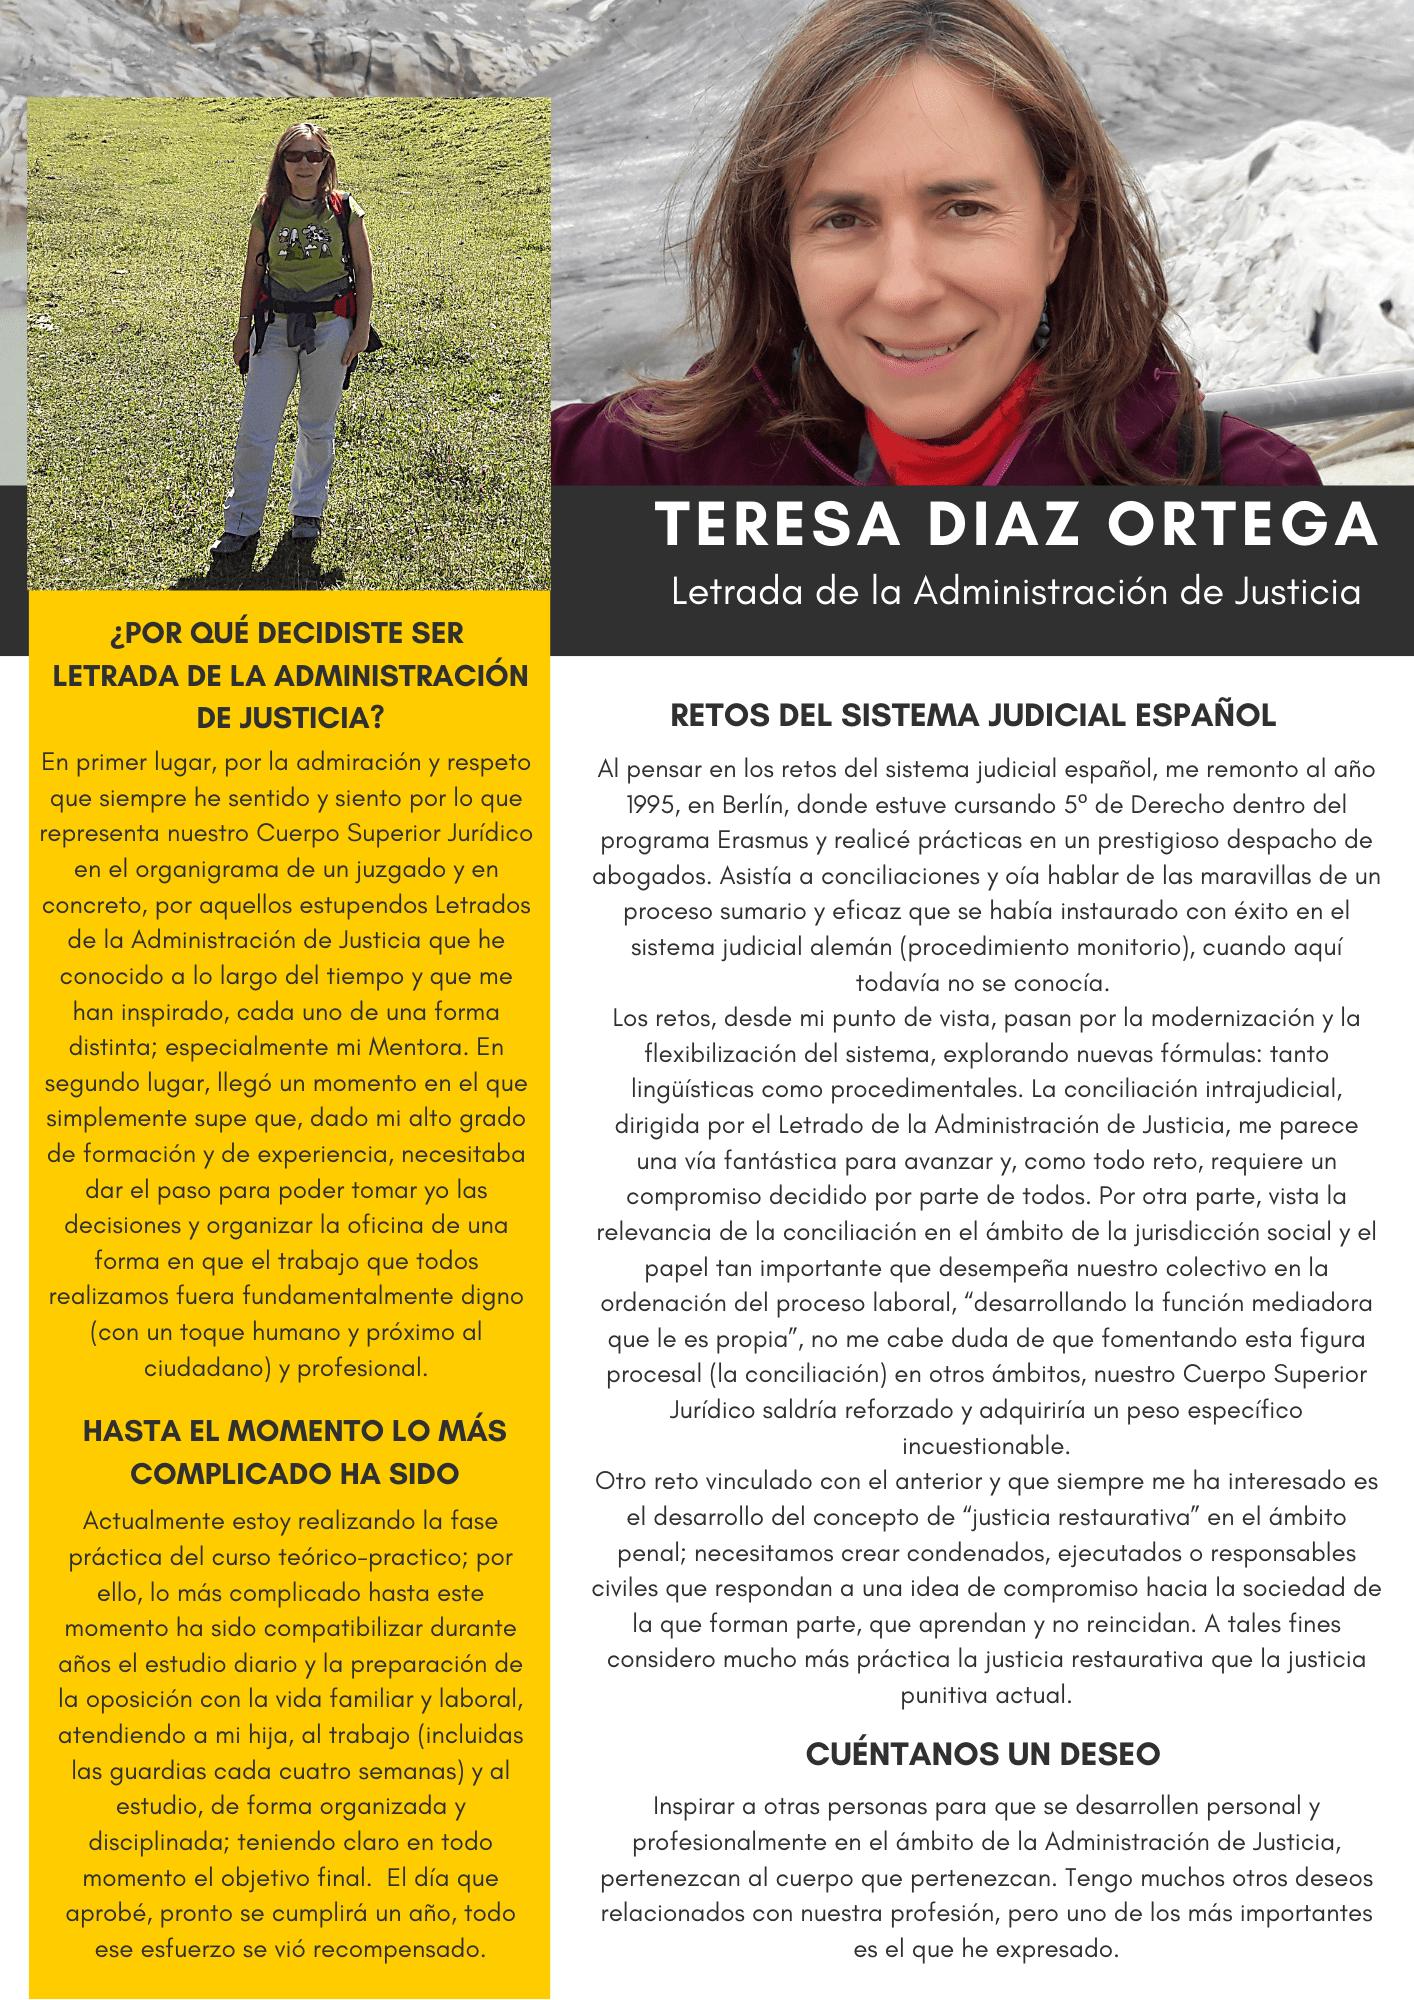 Teresa Diaz Ortega. Letrada de la Administración de Justicia